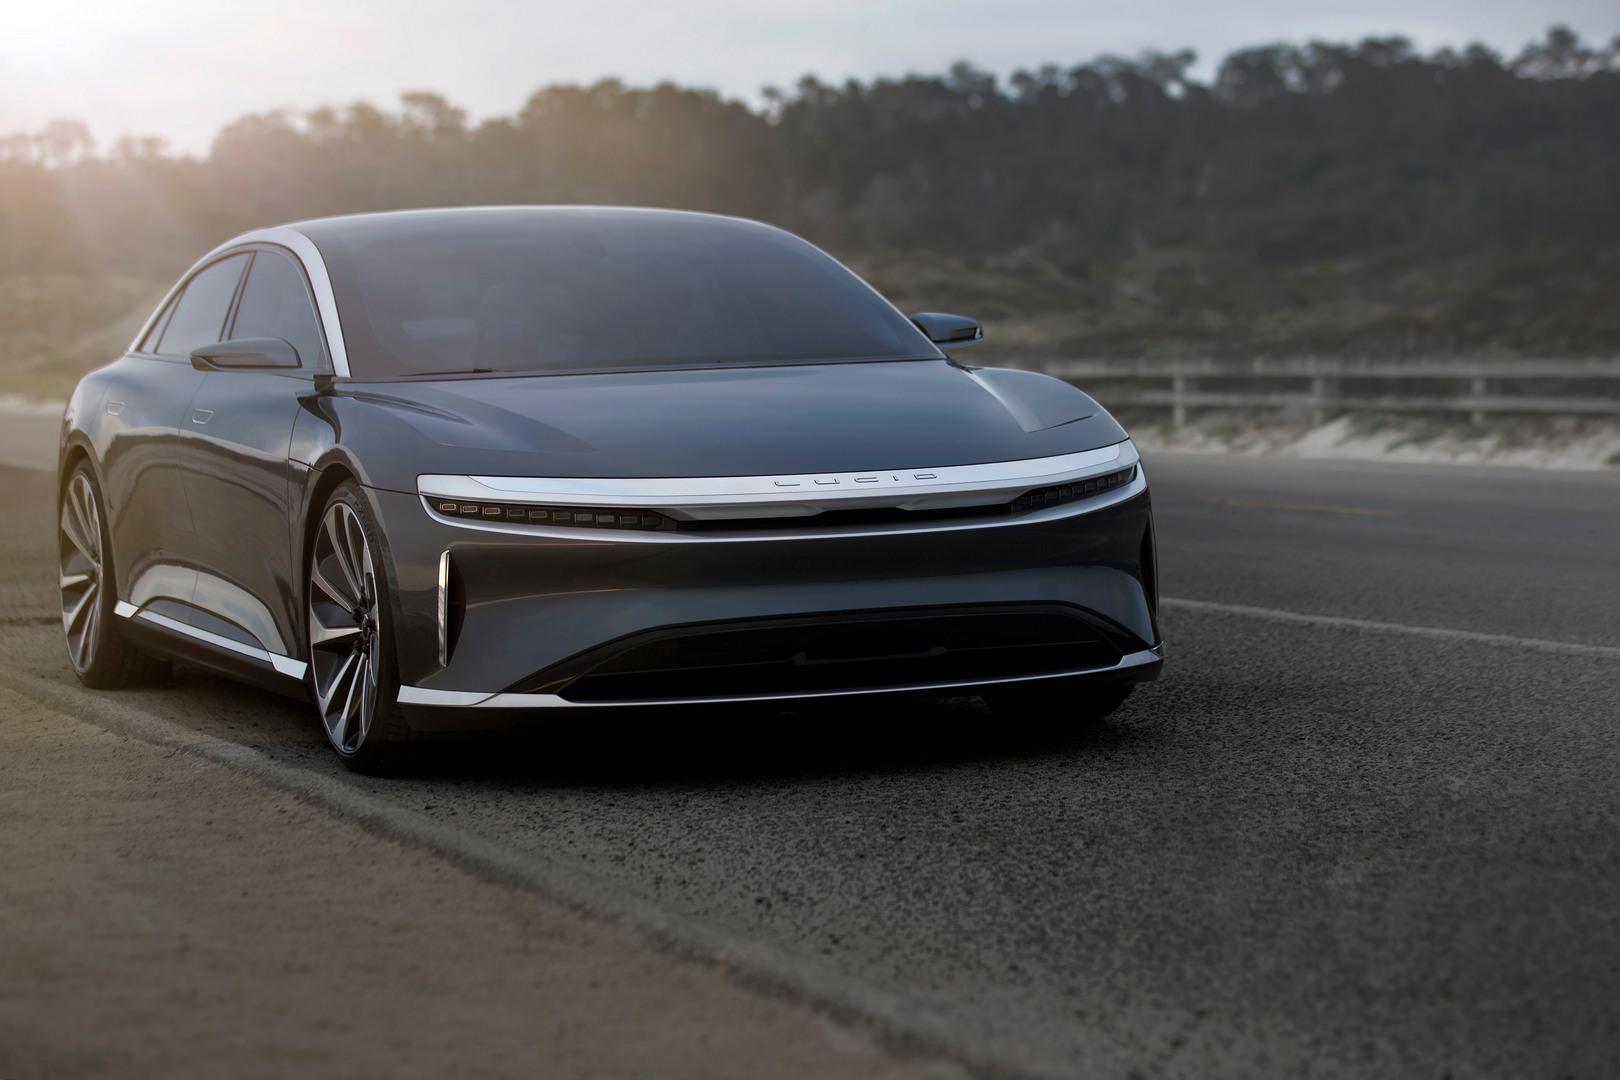 Компания Lucid Motors из Калифорнии начала строить завод в Аризоне, где будут собирать чисто электрические модели. Через 10 лет количество рабочих мест на предприятии достигнет 4800.